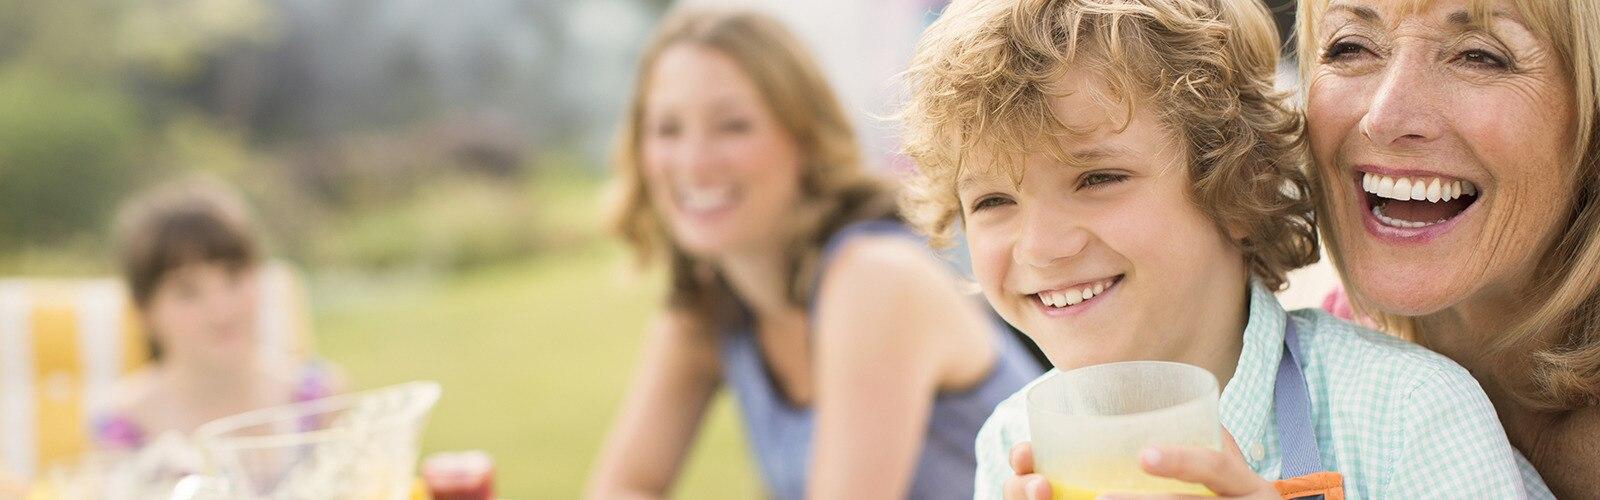 امرأة تضحك مع طفل في حضنها